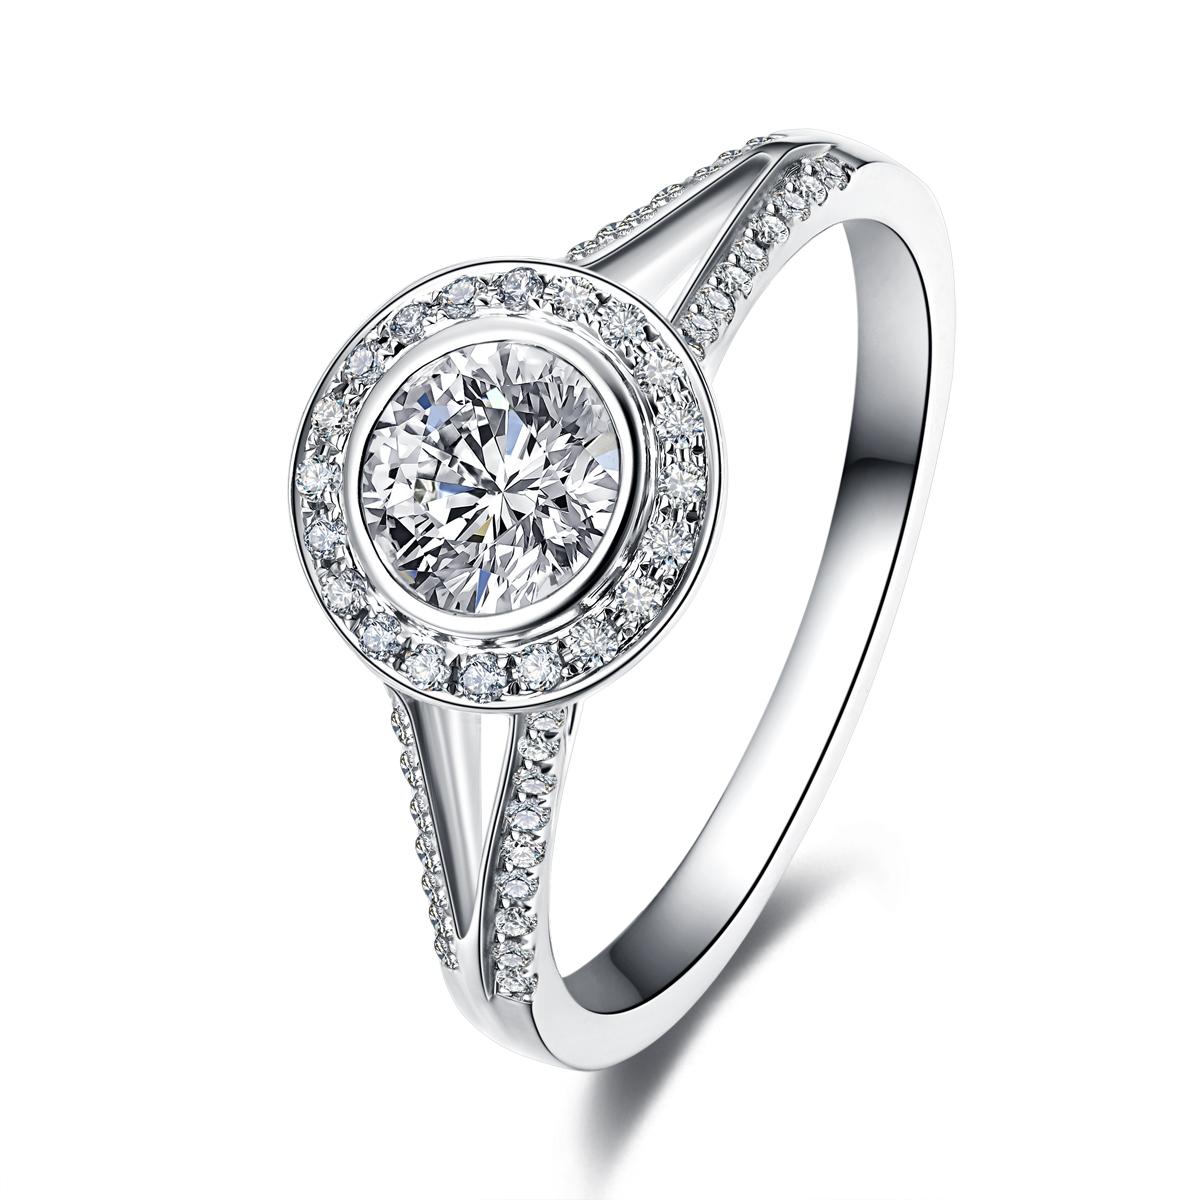 用铂金镶嵌的钻戒怎么样